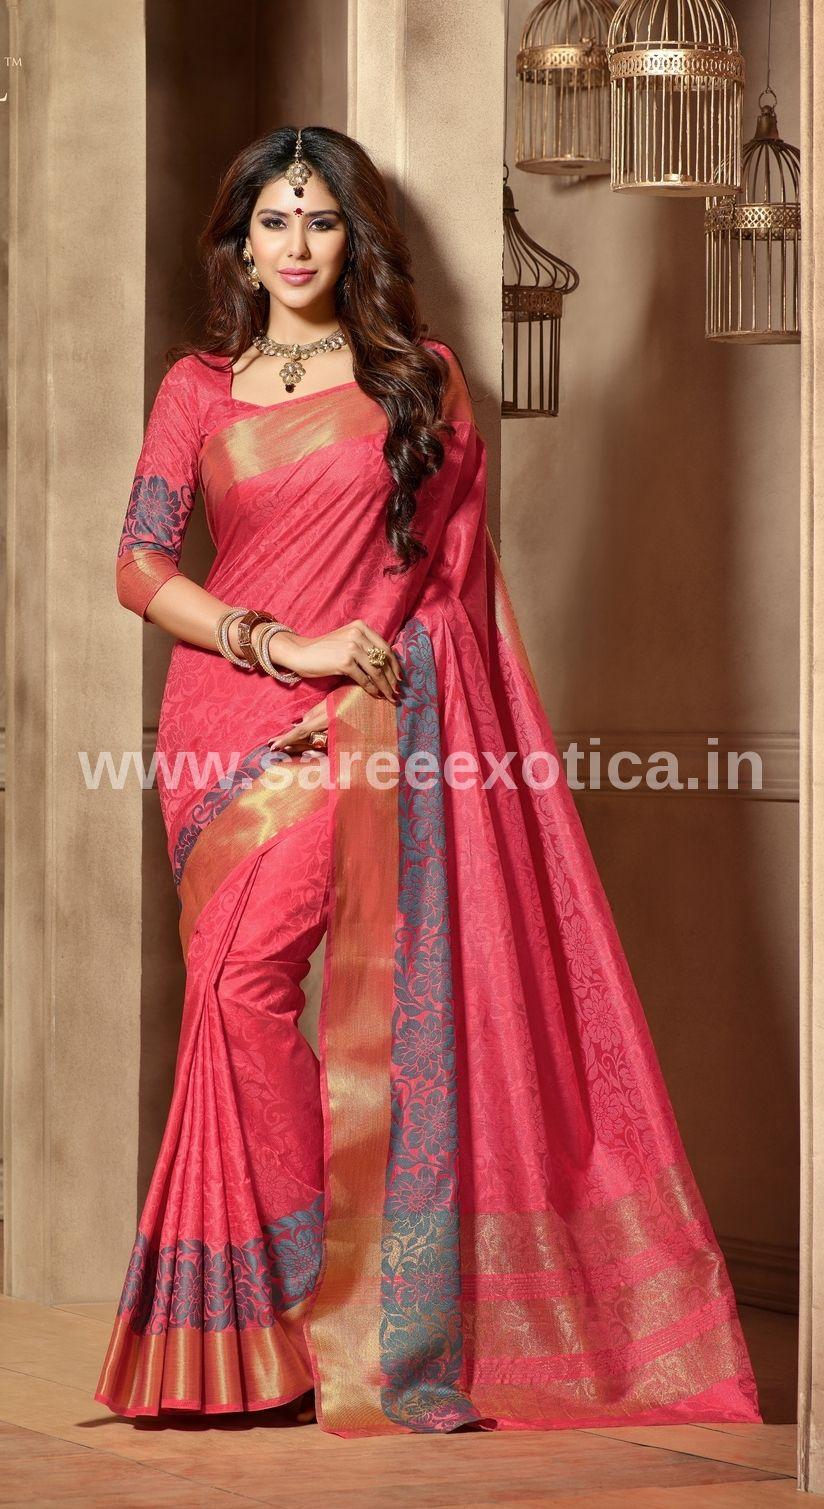 9e371fec80 Traditional Silk Saree, Latest Indian Saree, Latest Sarees, Party Wear  Sarees, Cotton